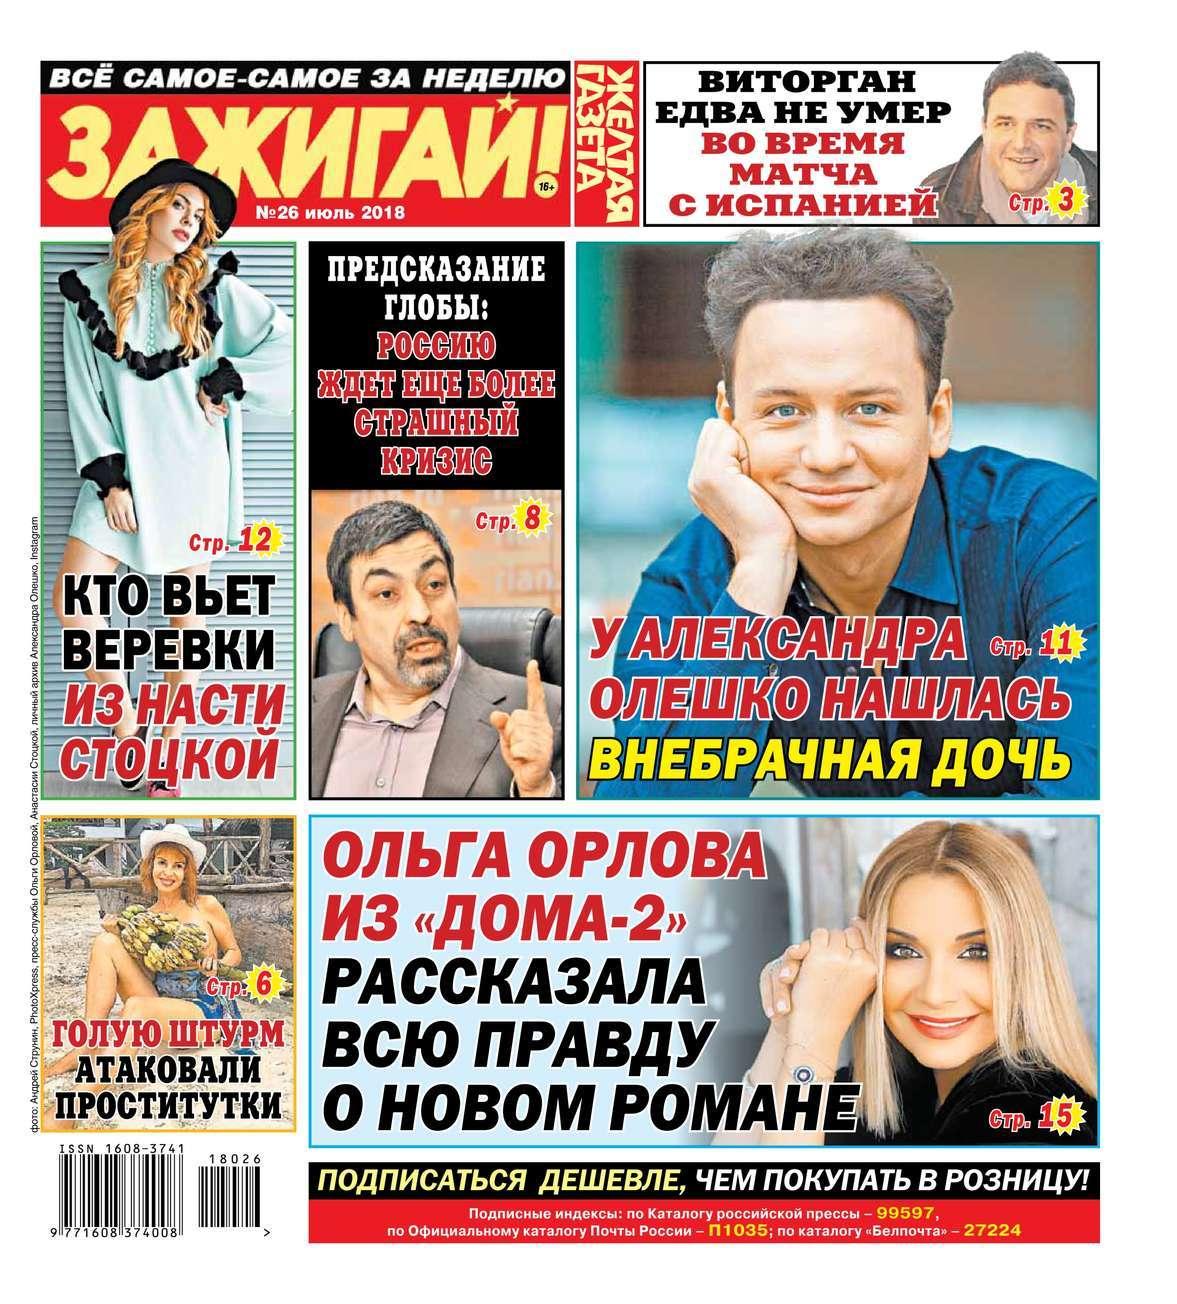 Желтая Газета. Зажигай! 26-2018